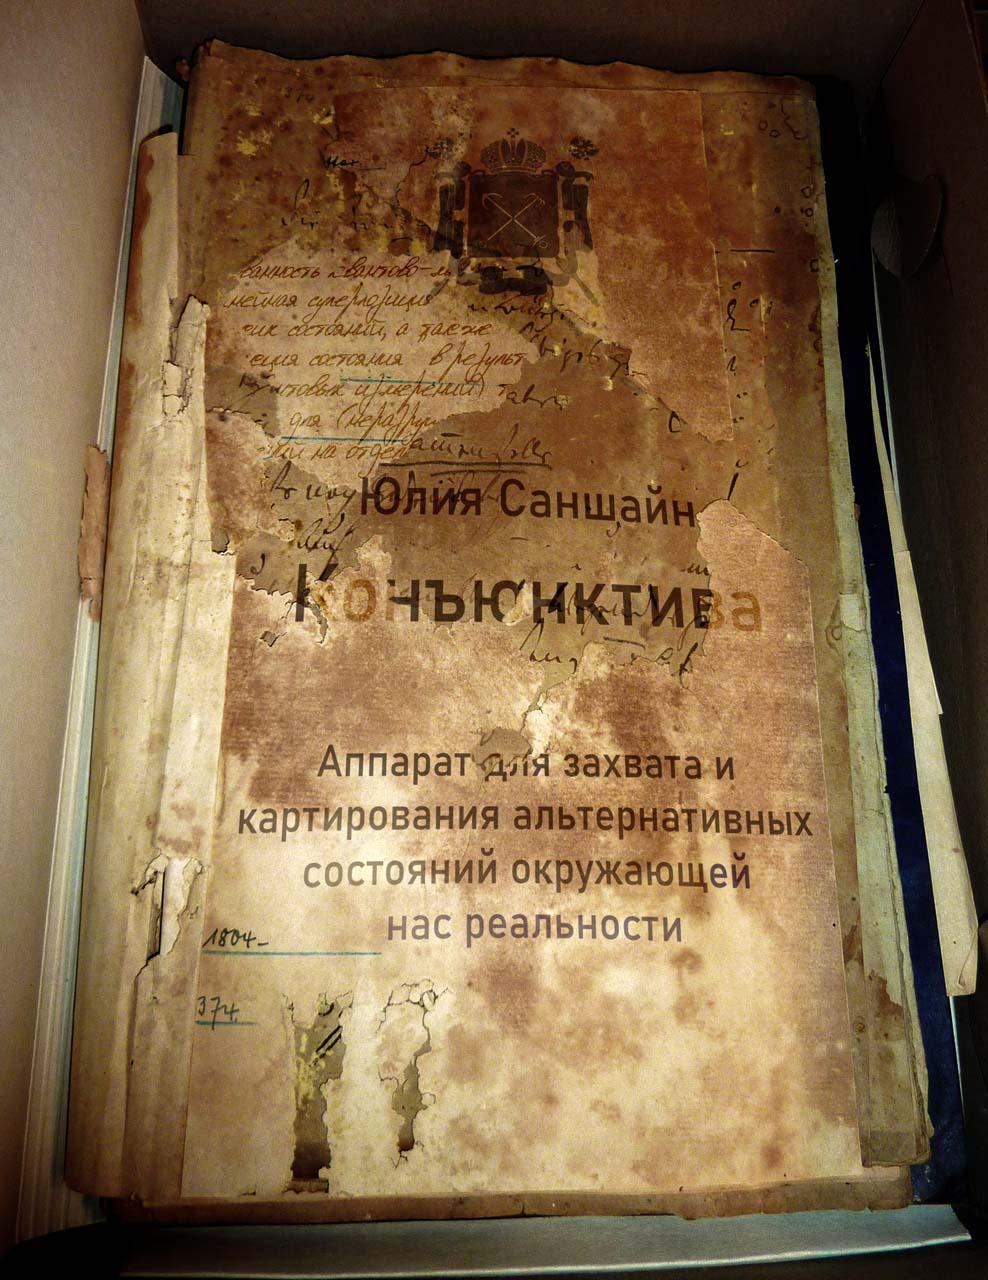 Der Patentantrag von Yuliya Sanshayn für einen